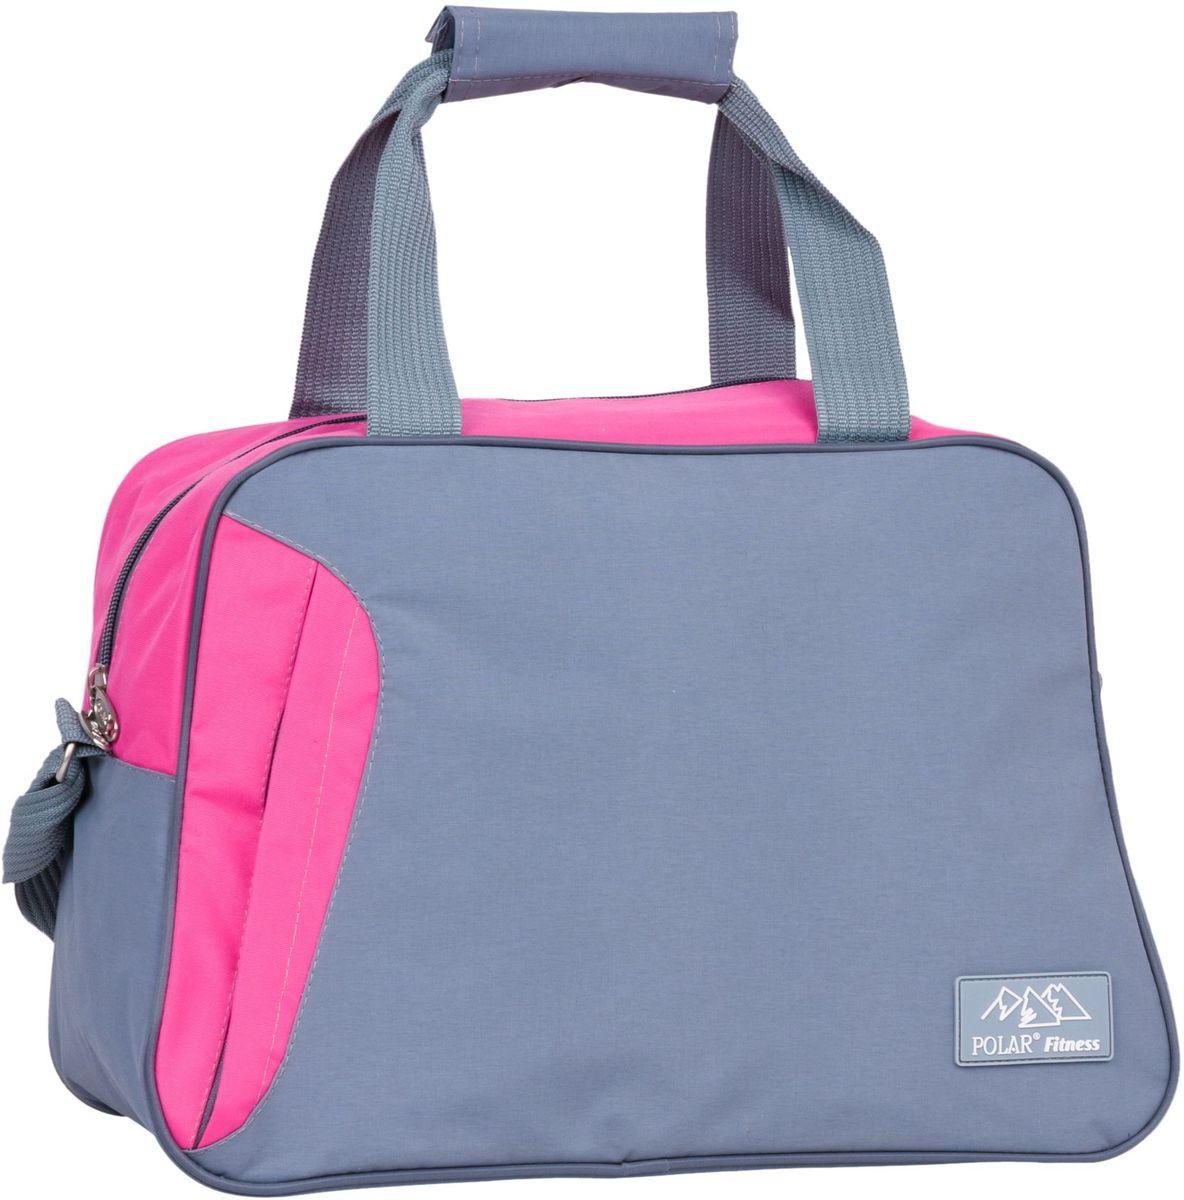 Сумка спортивная Polar, цвет: серый, розовый, 30 л. П7071П7071Спортивная сумка Polar выполнена из полиэстера. Сумка имеет одно основное отделение сжестким дном. Внутри один открытый карман и карман на молнии. Спереди карман намолнии, открывается сбоку. В комплекте съемный плечевой ремень.